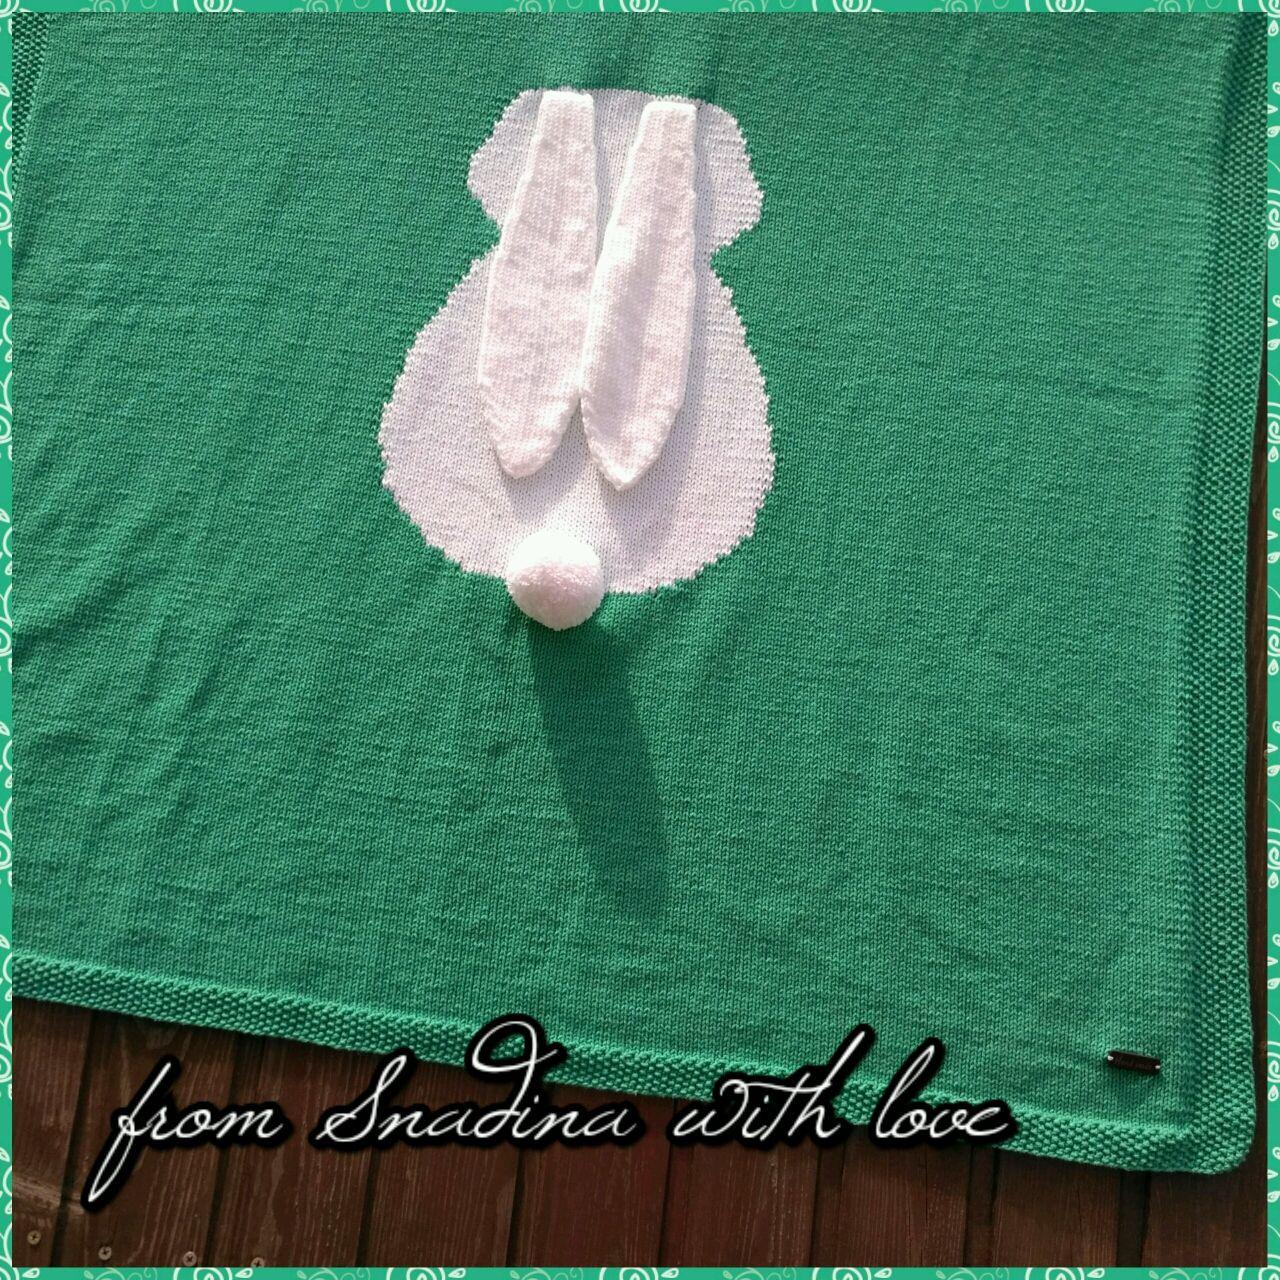 Пледы и одеяла ручной работы. Ярмарка Мастеров - ручная работа. Купить Плед для коляски или кроватки. Handmade. Одеяло, cotton